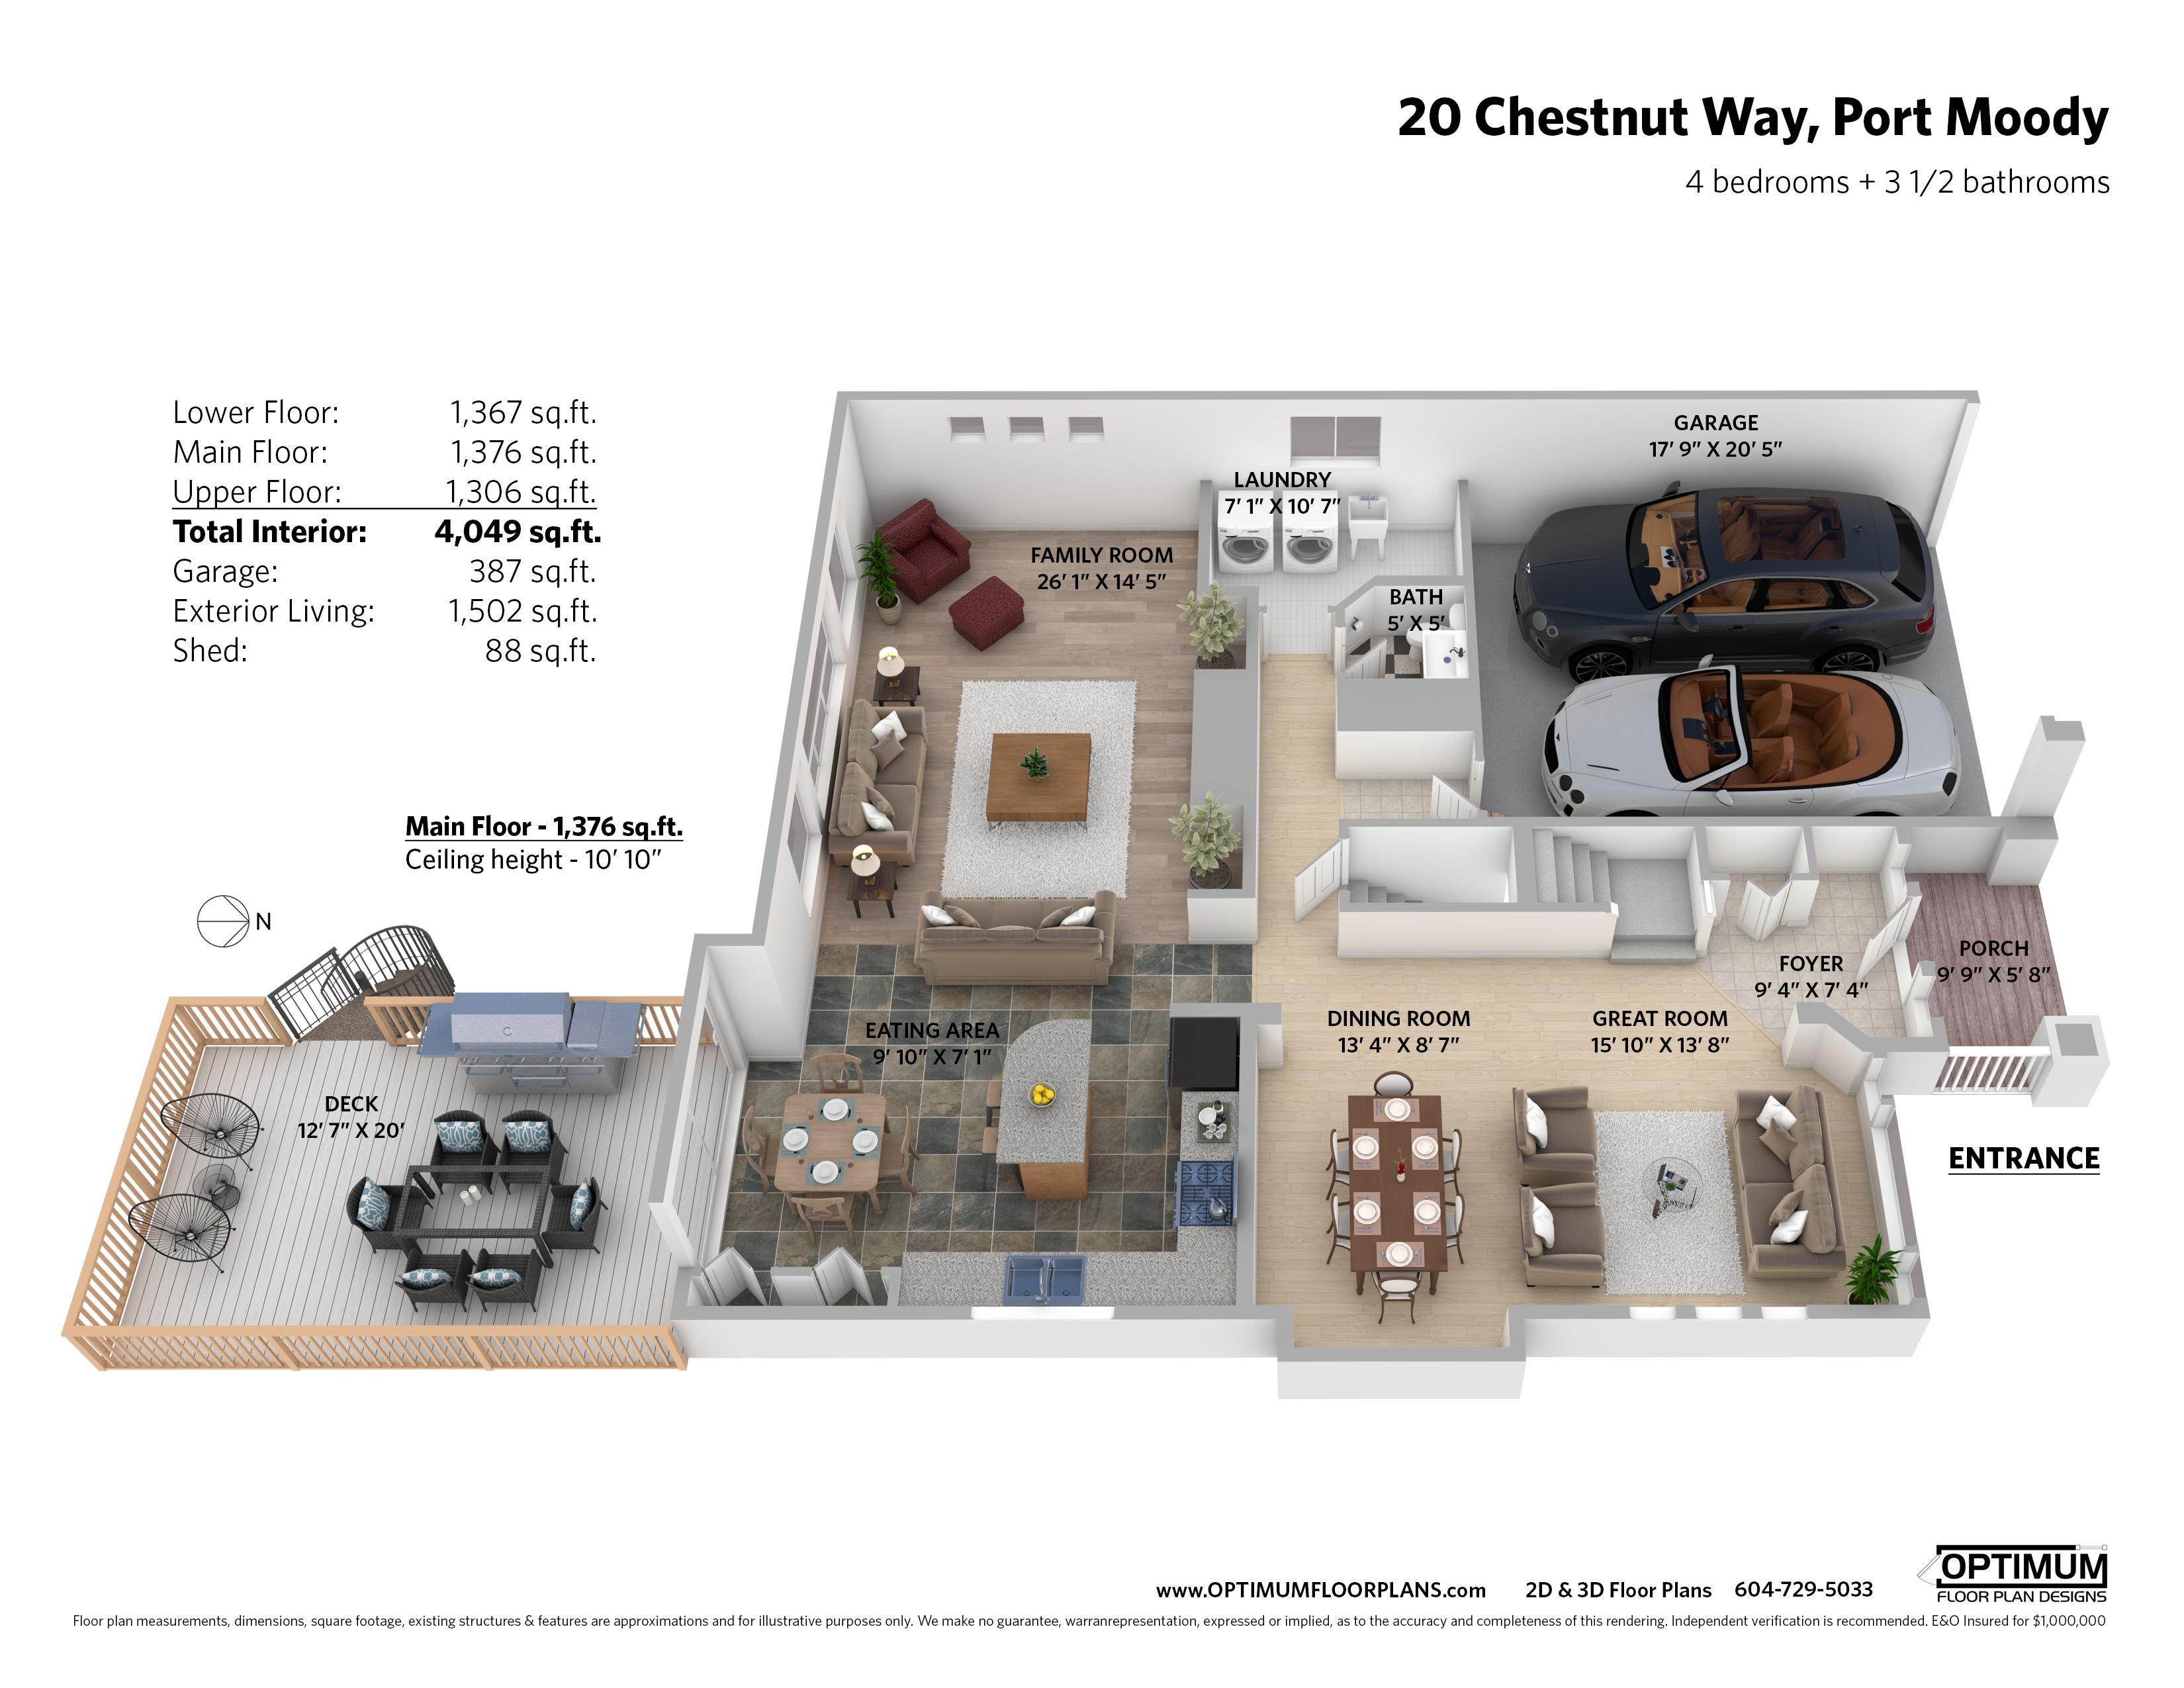 2D & 3D Floorplans